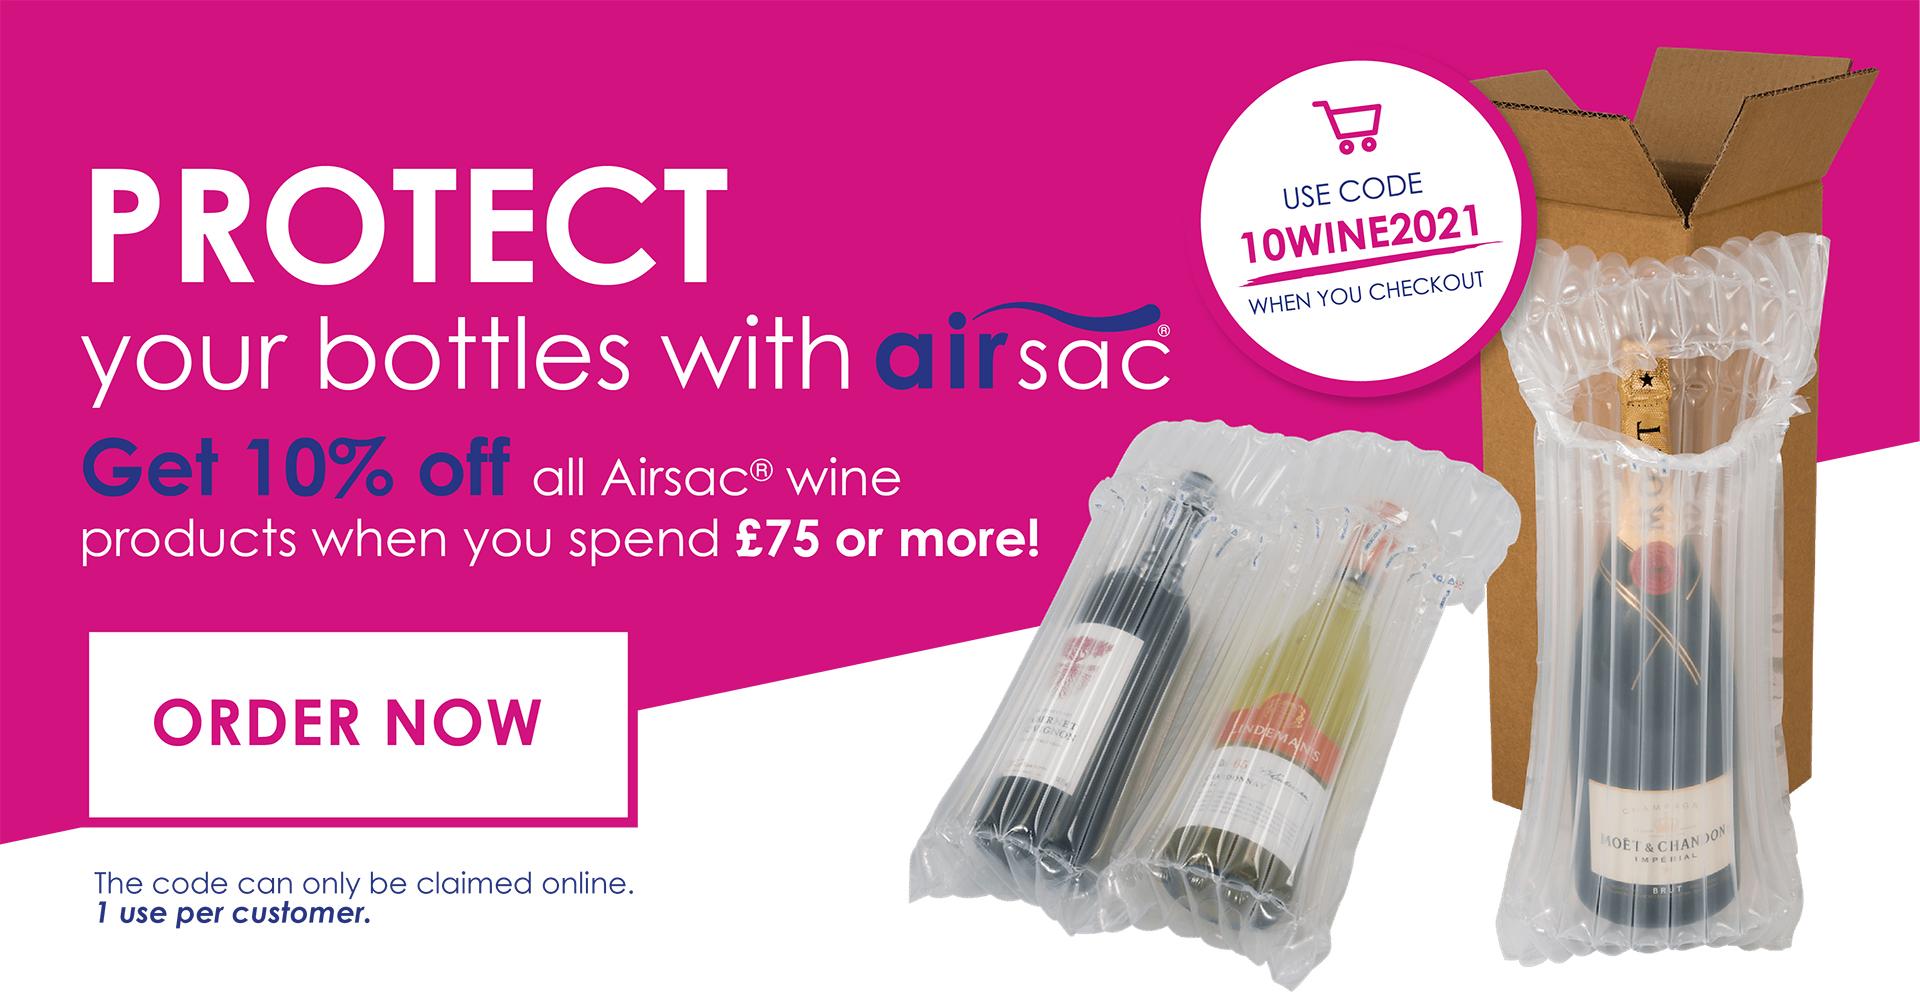 Airsac Wine Discount June 2021